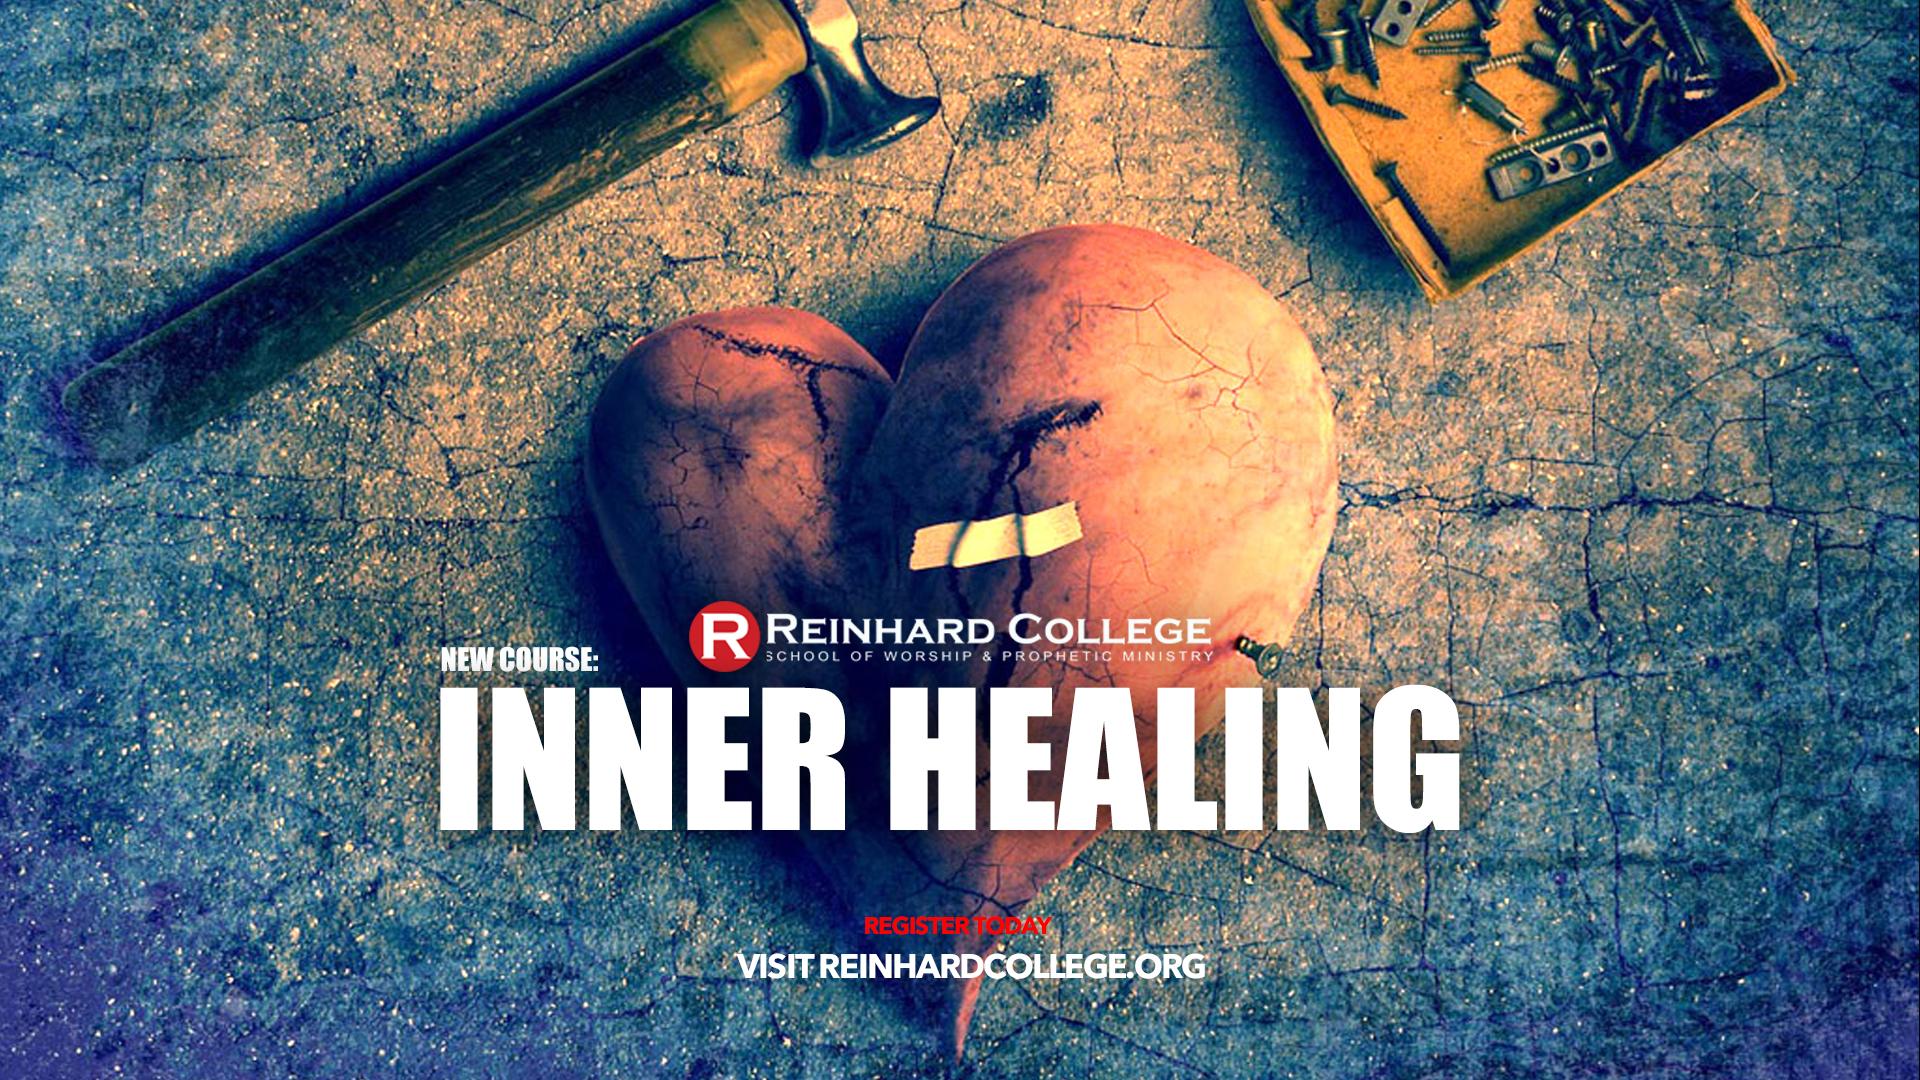 innerhealing